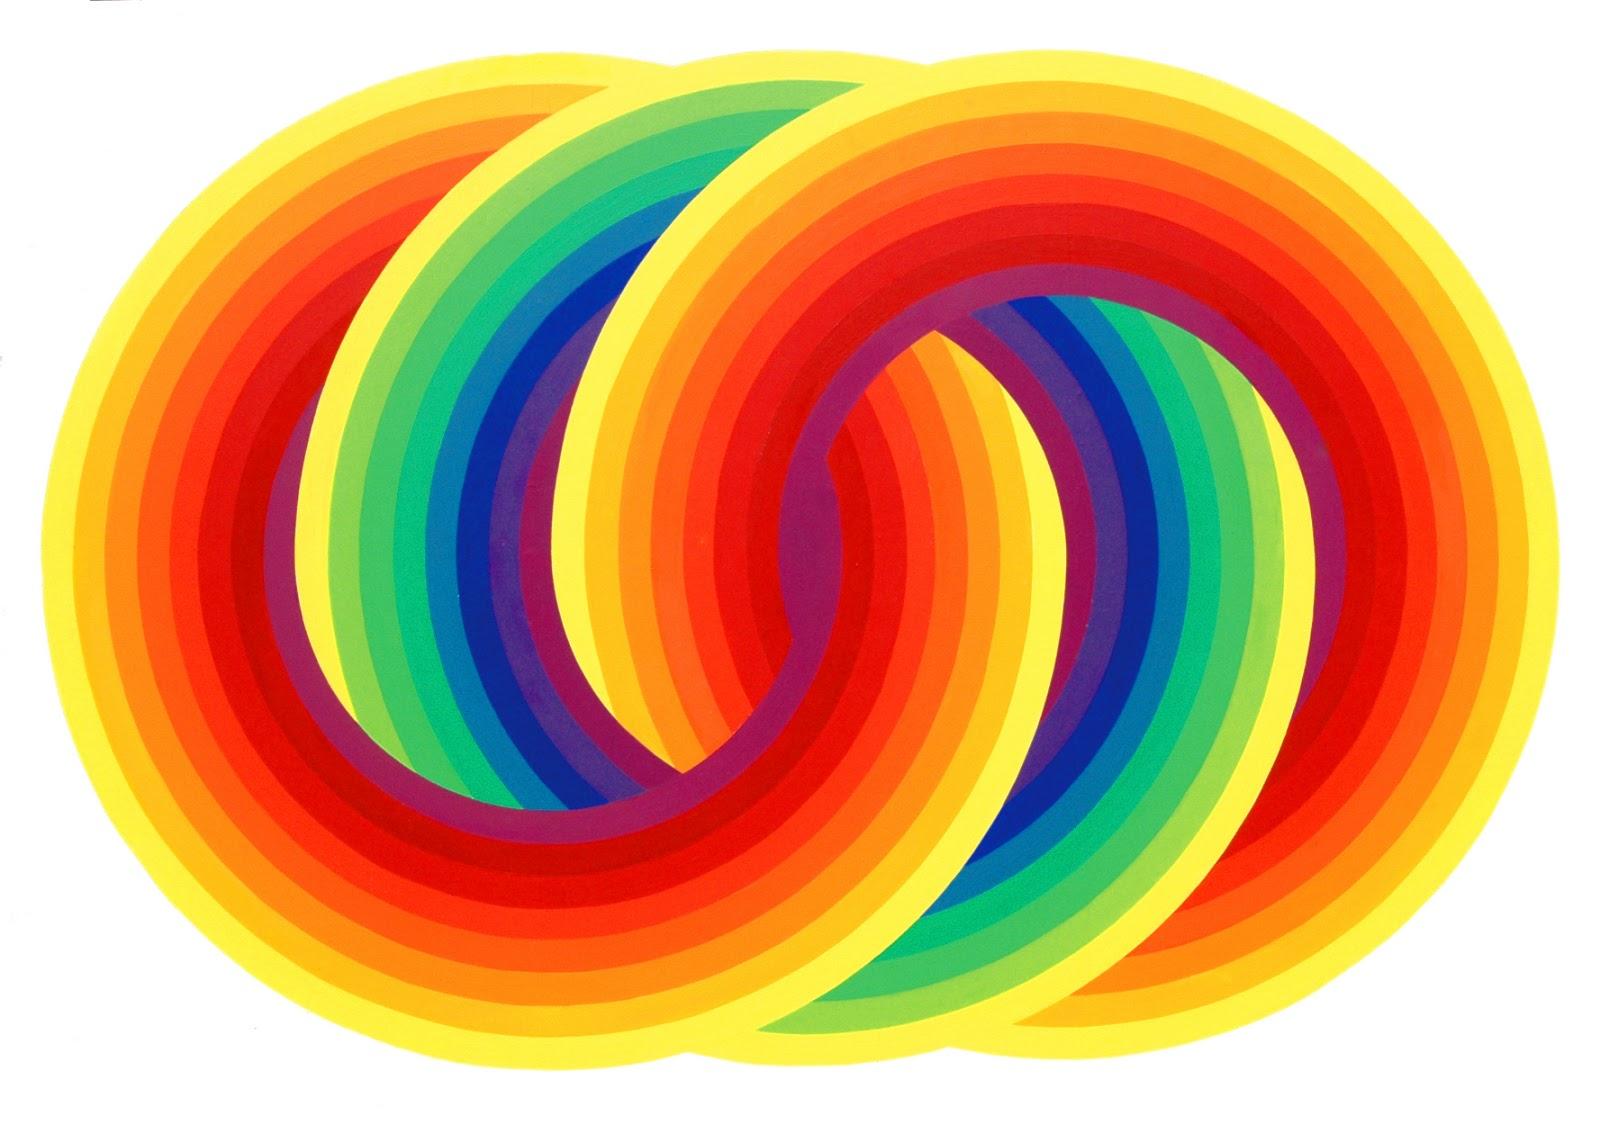 Armonía de colores en la decoración